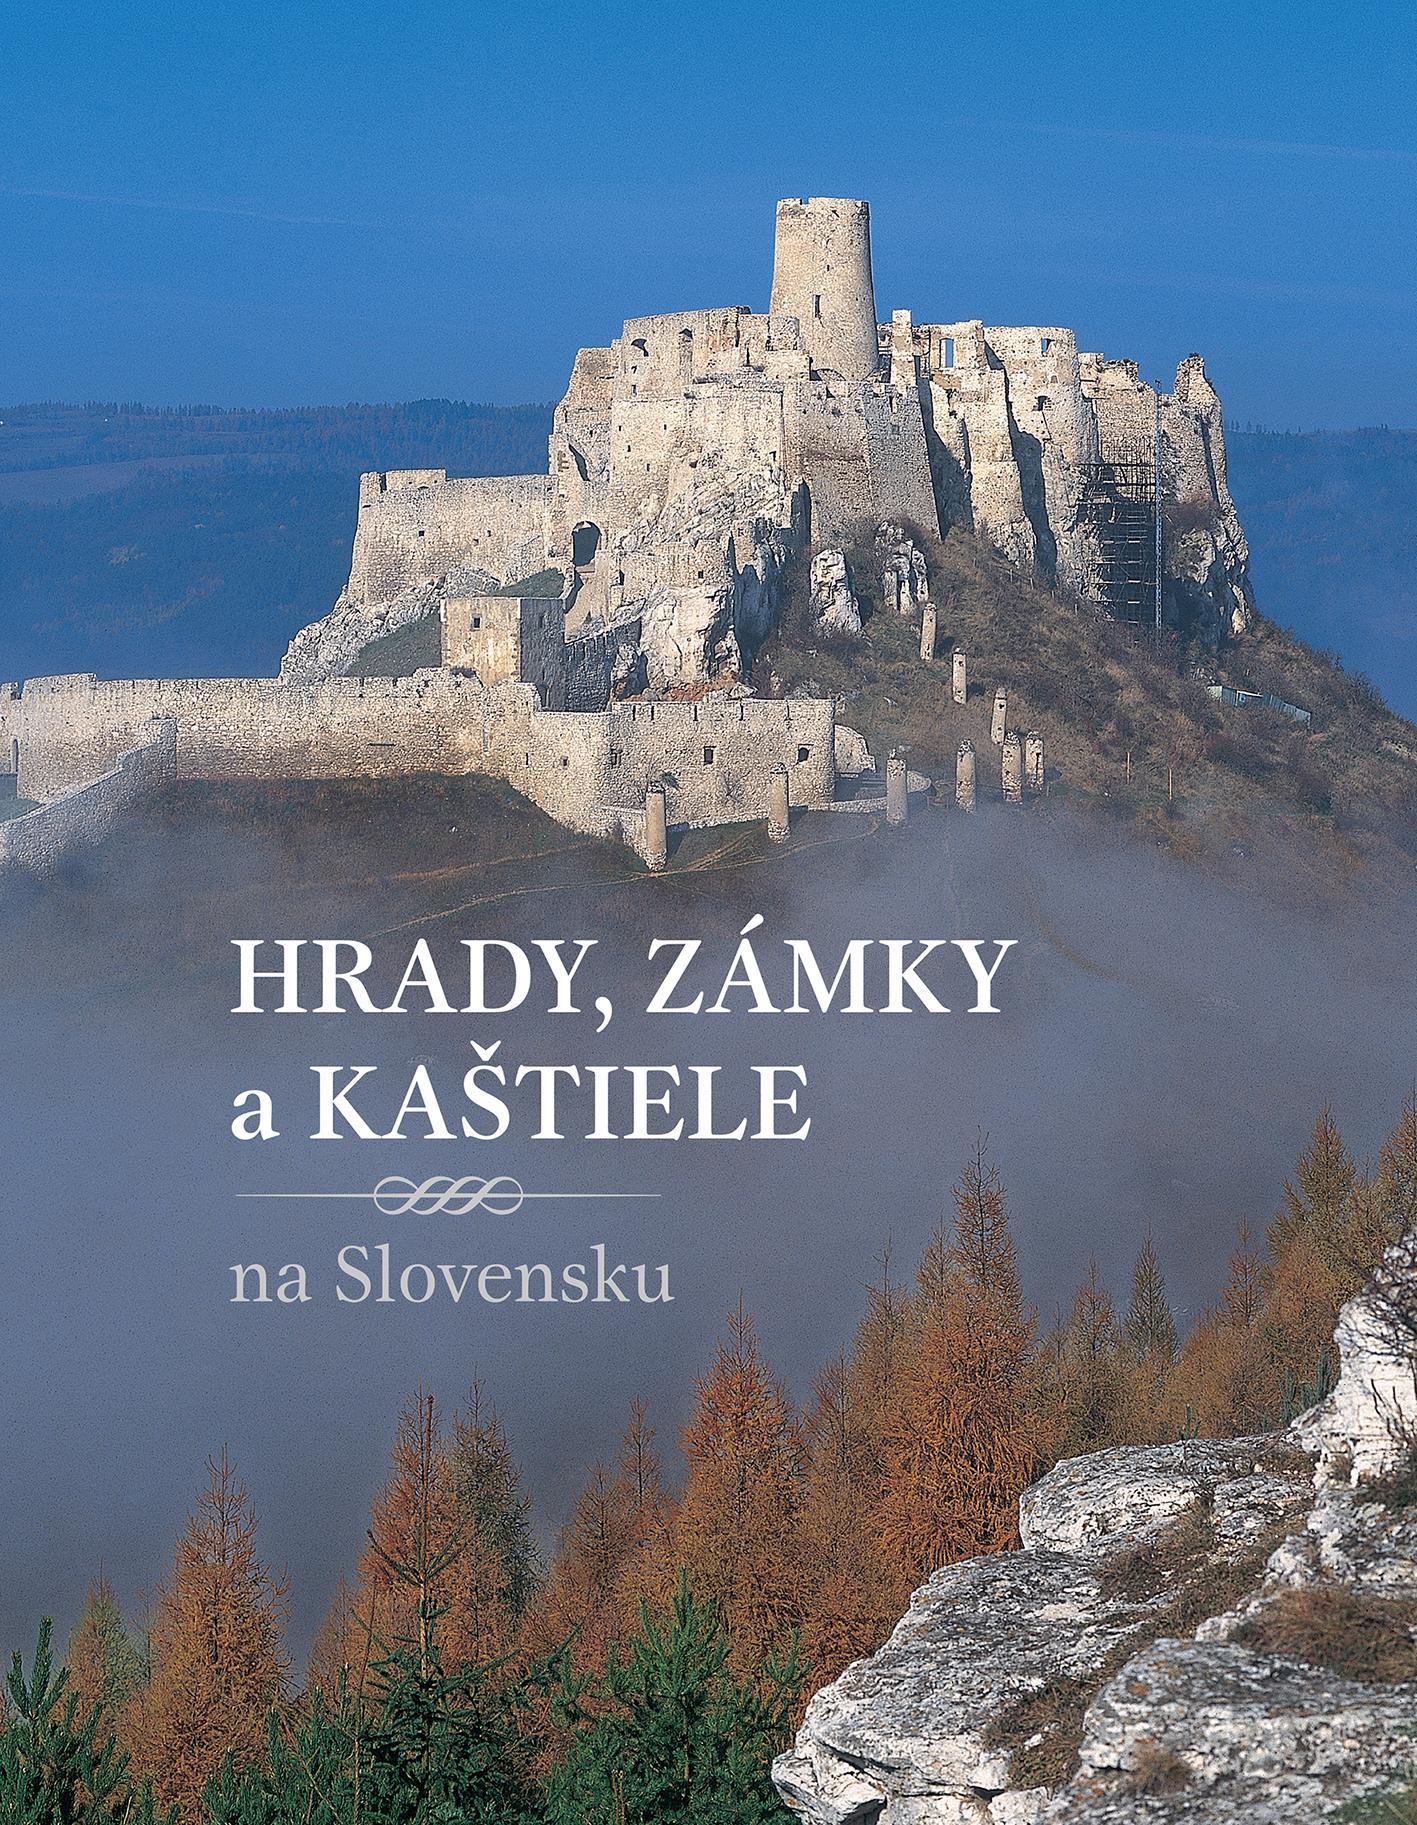 Hrady, zámky a kaštiele na Slovensku